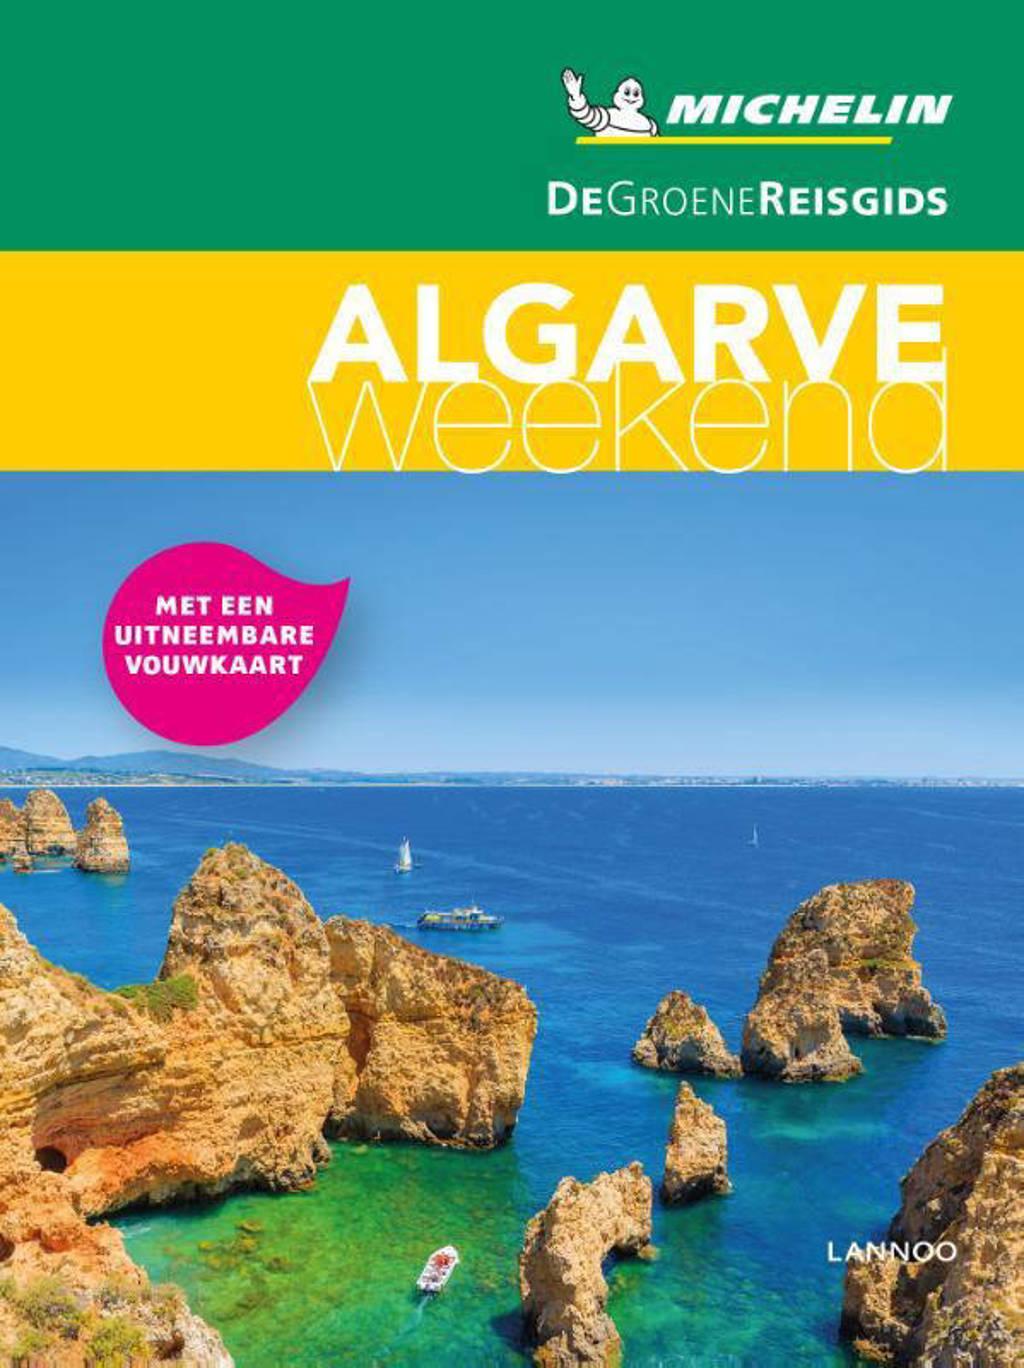 De Groene Reisgids: Algarve weekend